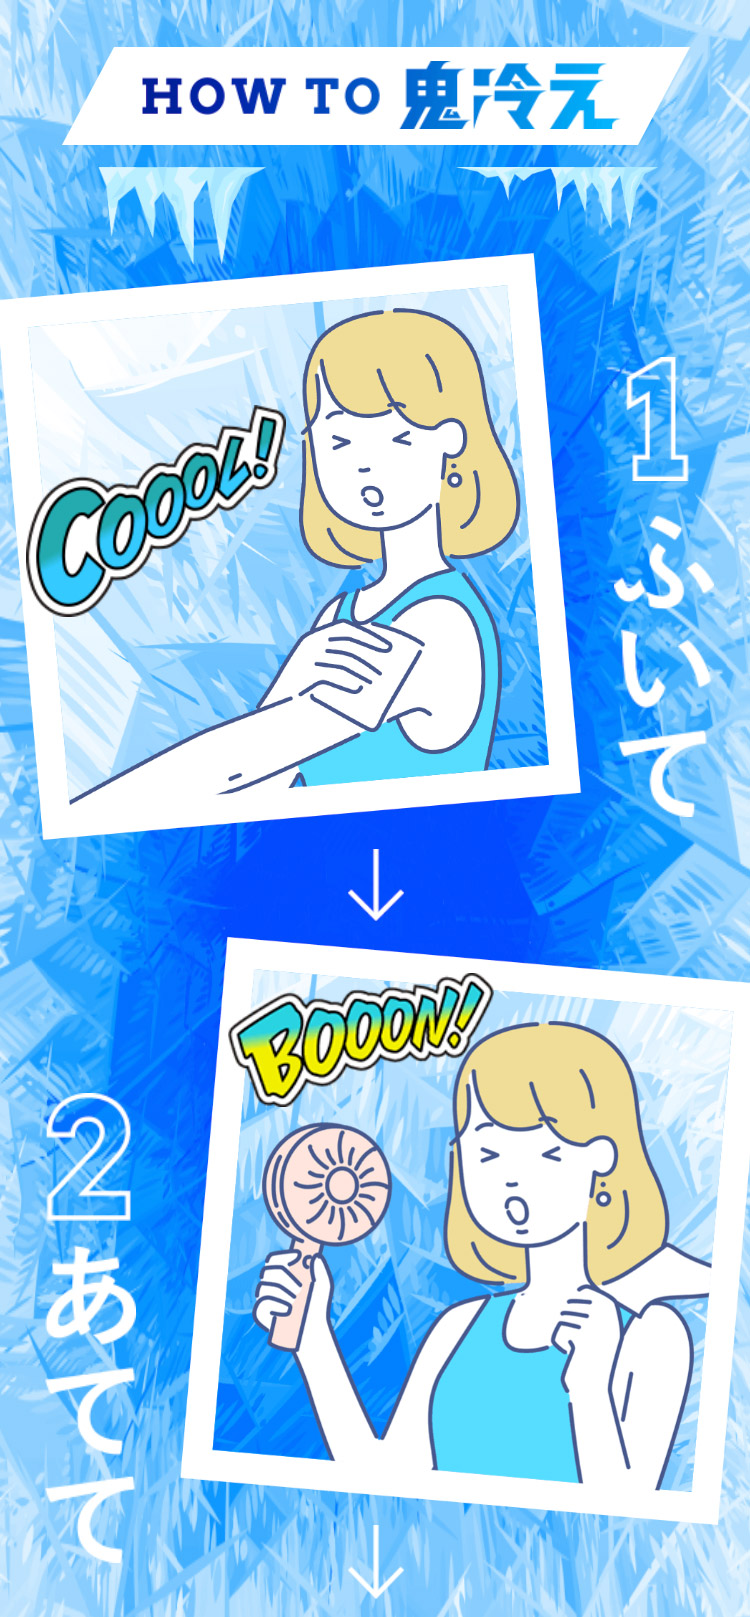 ニッポンの夏をコンボで冷やす。#鬼冷え HOW TO 鬼冷え